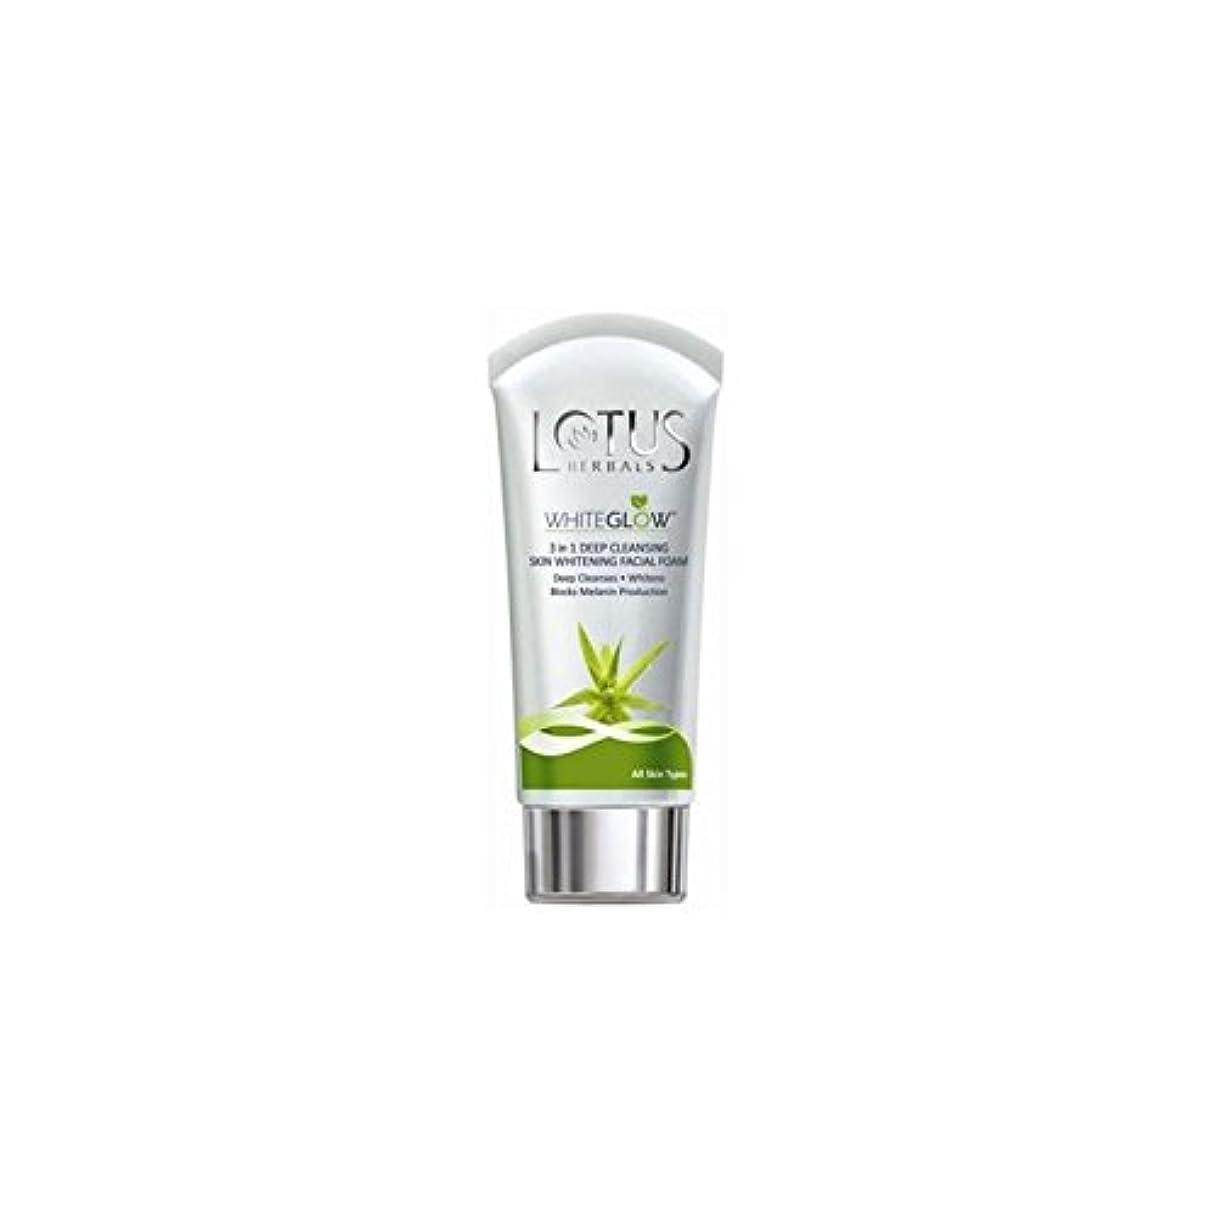 ぼかす悪党モーテルLotus Herbals 3-in-1 Deep Cleansing Skin Whitening Facial Foam - Whiteglow 50g